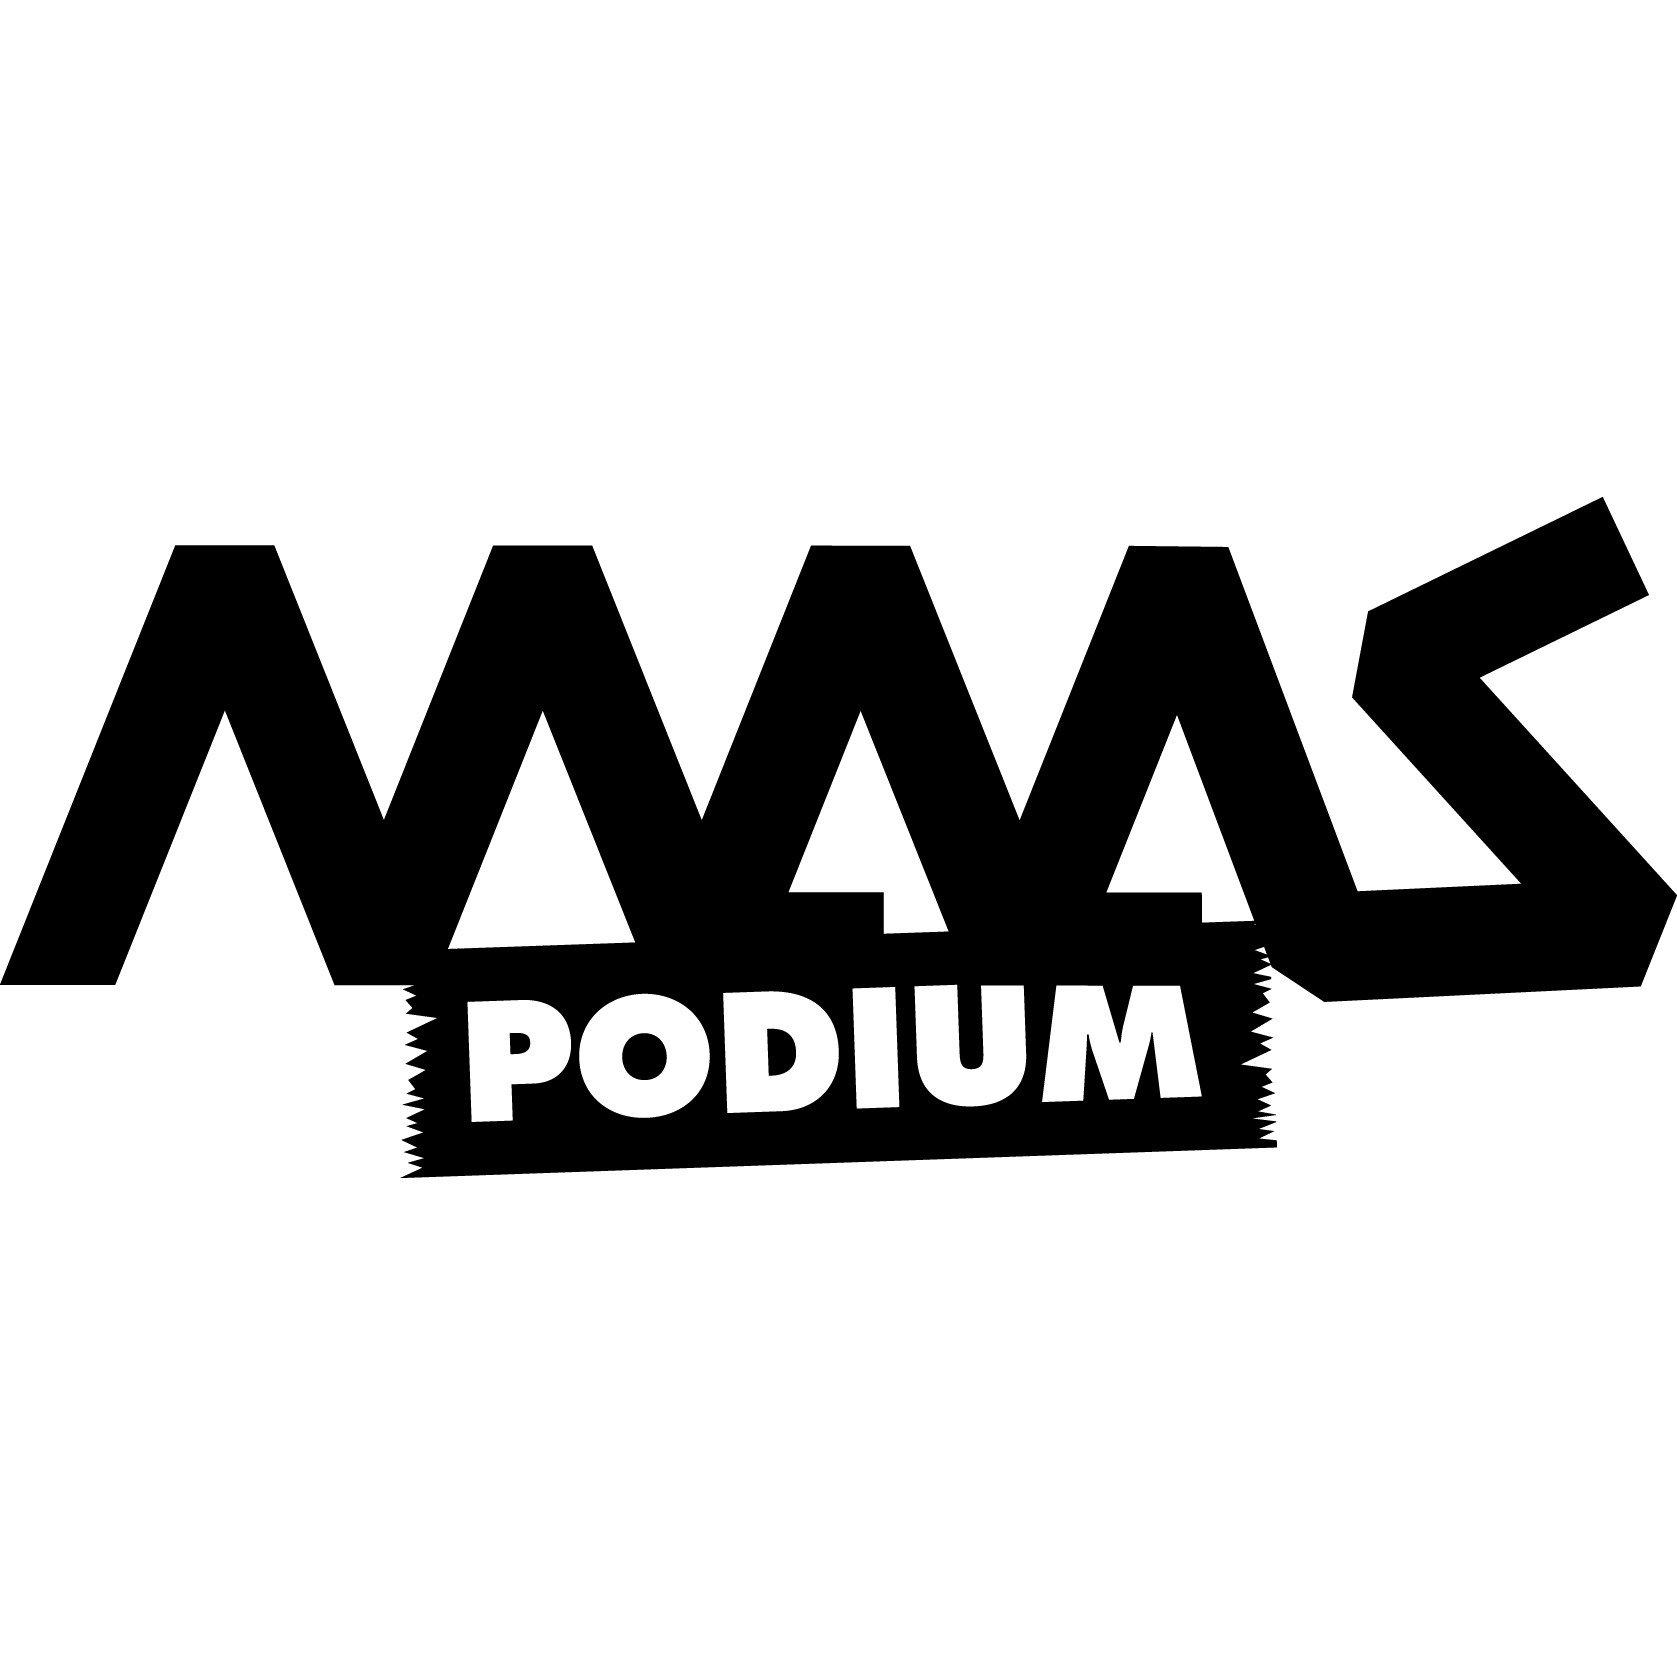 Maaspodium (@Maaspodium) | Twitter